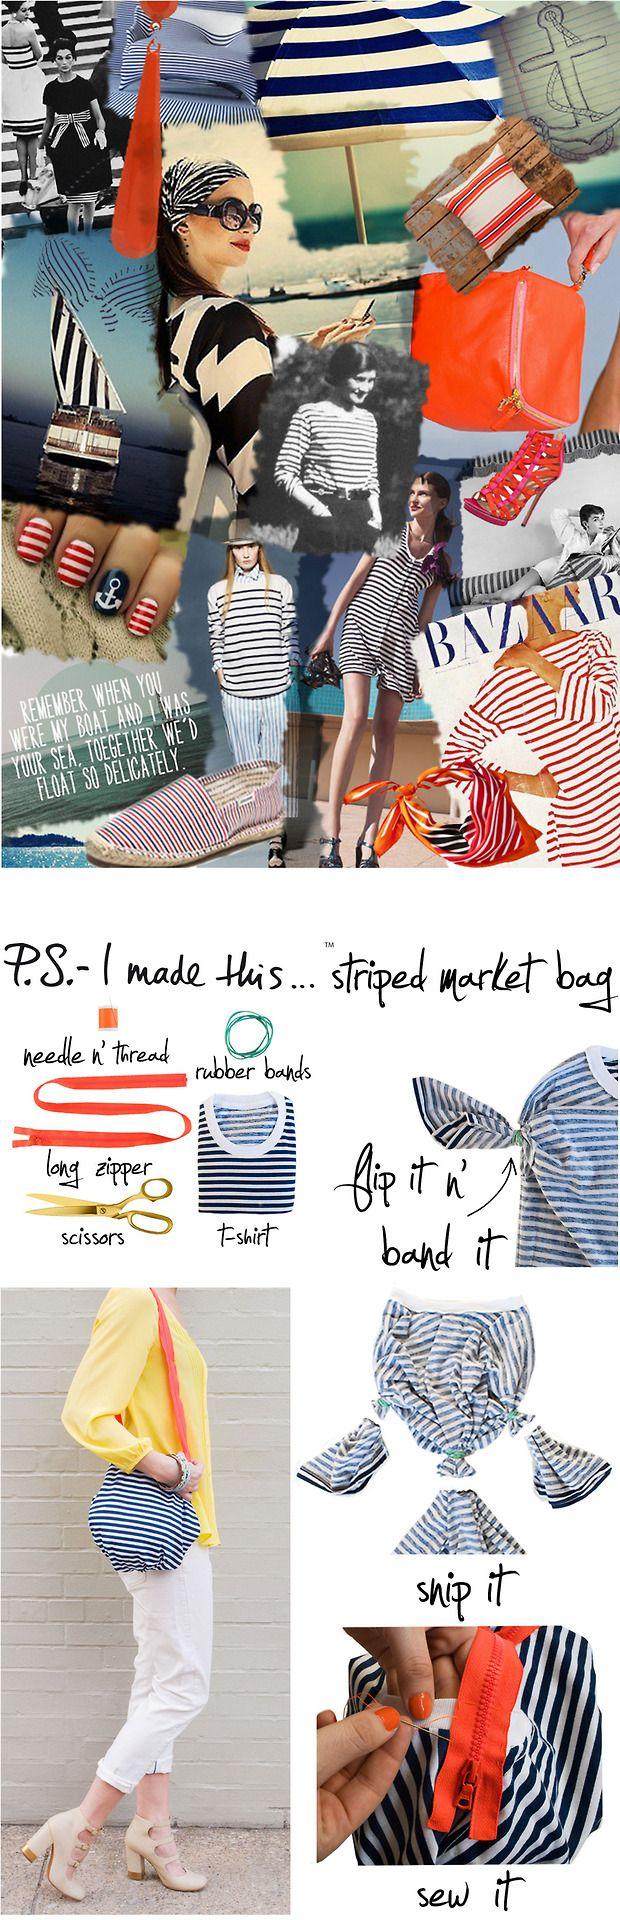 striped_market_bag-tumblr_MERGED